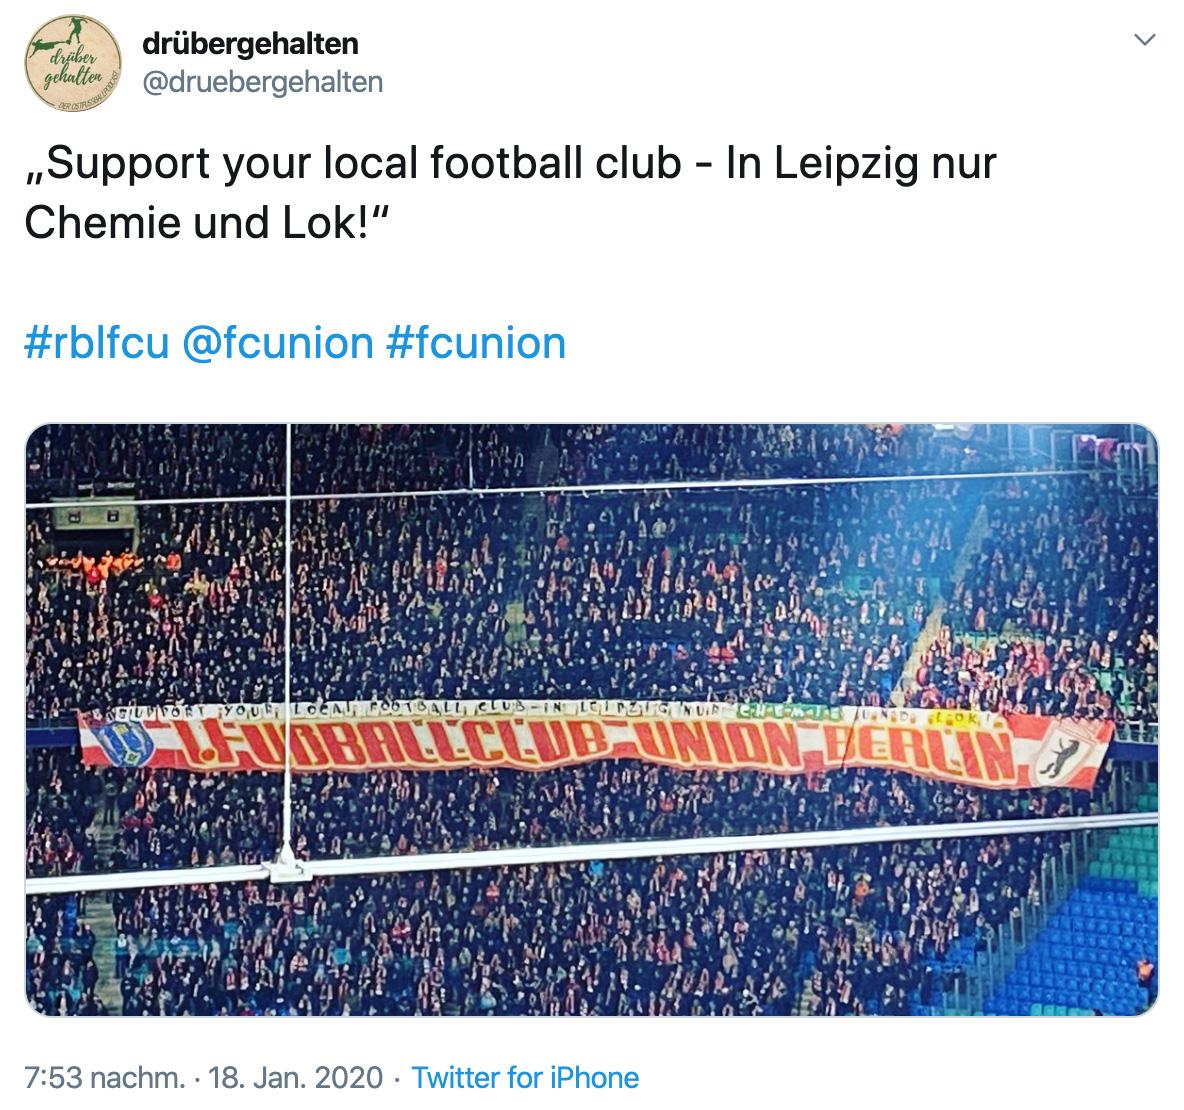 """""""Support your local football club - in Leipzig nur Chemie und Lok!"""", via Twitter: @druebergehalten"""